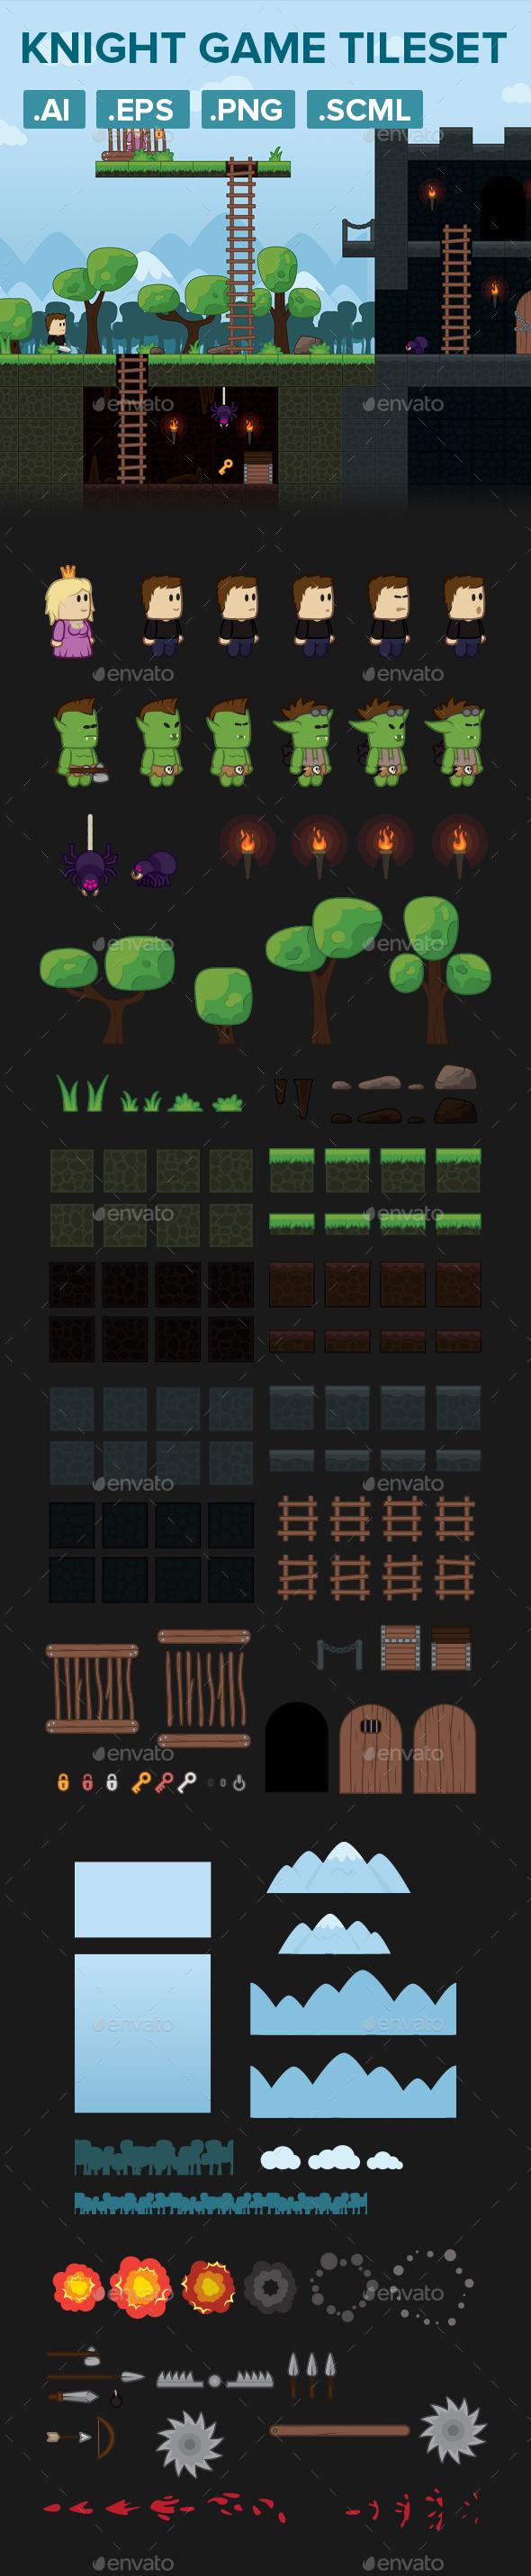 Warrior Platformer Game Tileset and Assets - Game Kits Game Assets